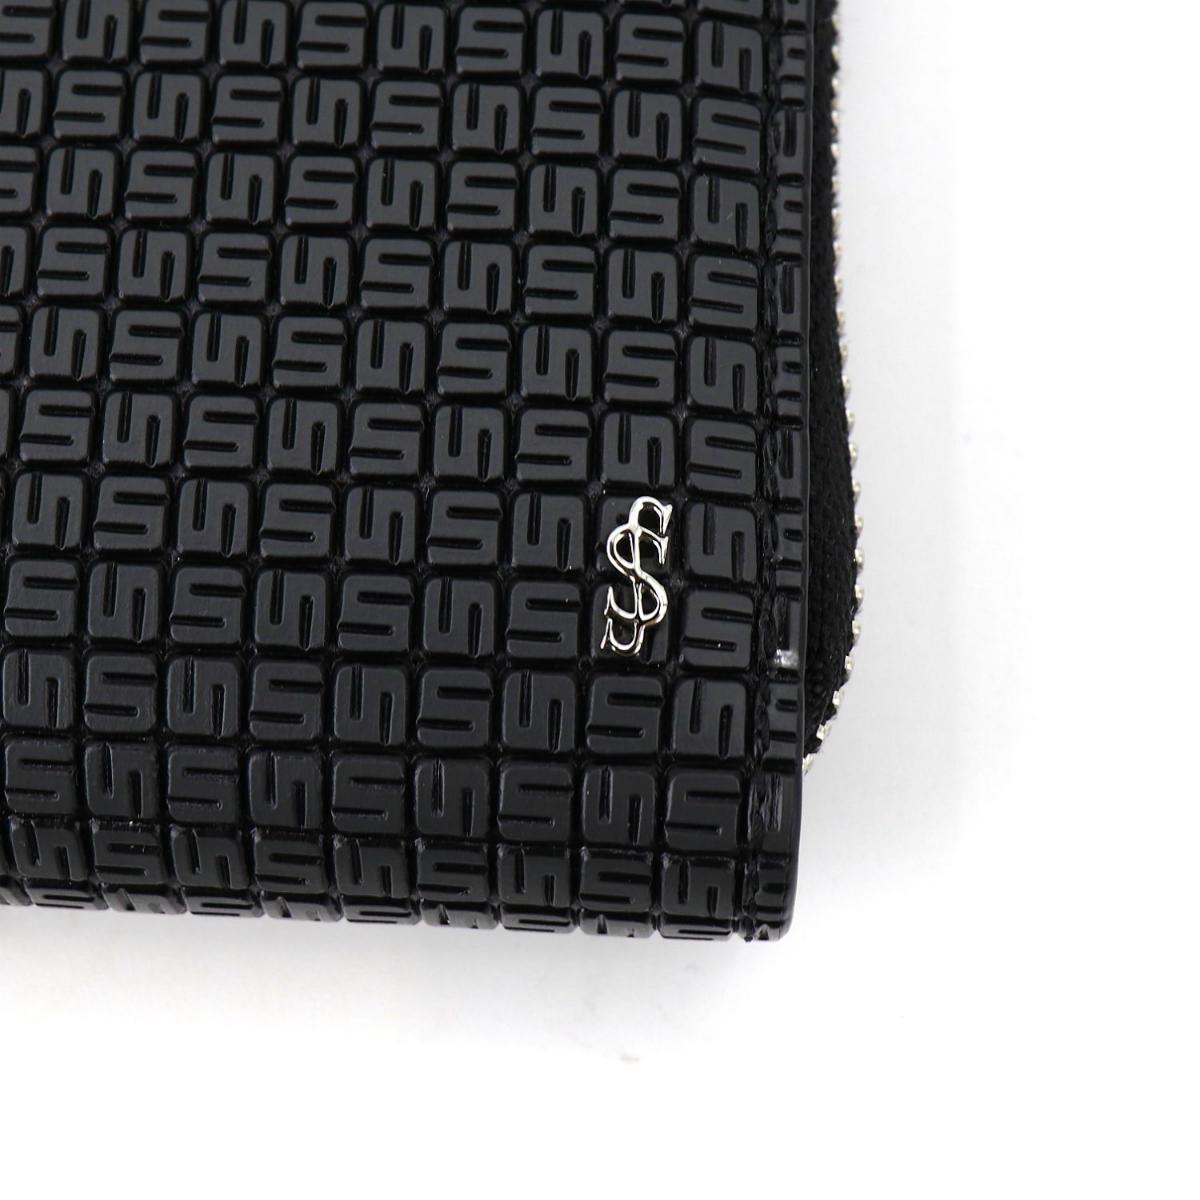 セラピアン SERAPIAN PVC型押し ラウンドジップ長財布 Stepan STEP7030-M19 CC3 Asphalt/Black(ダークグレー)